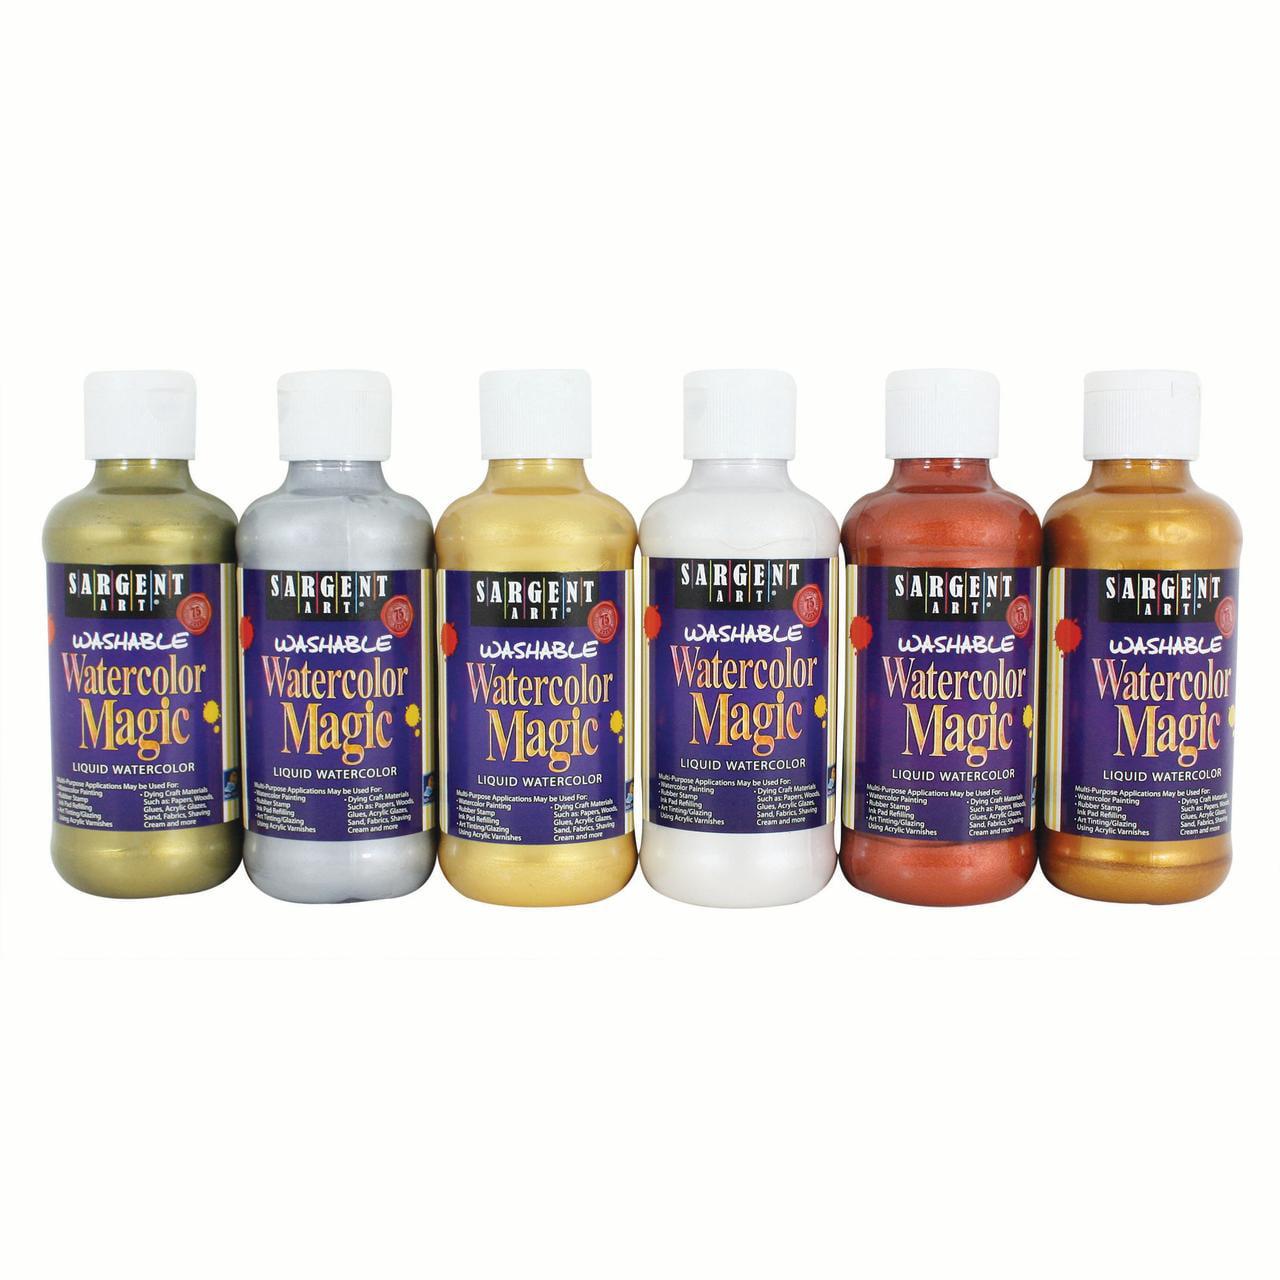 Sargent Art® Watercolor Magic® Paint, 6 Metallic Colors, 8 oz bottles